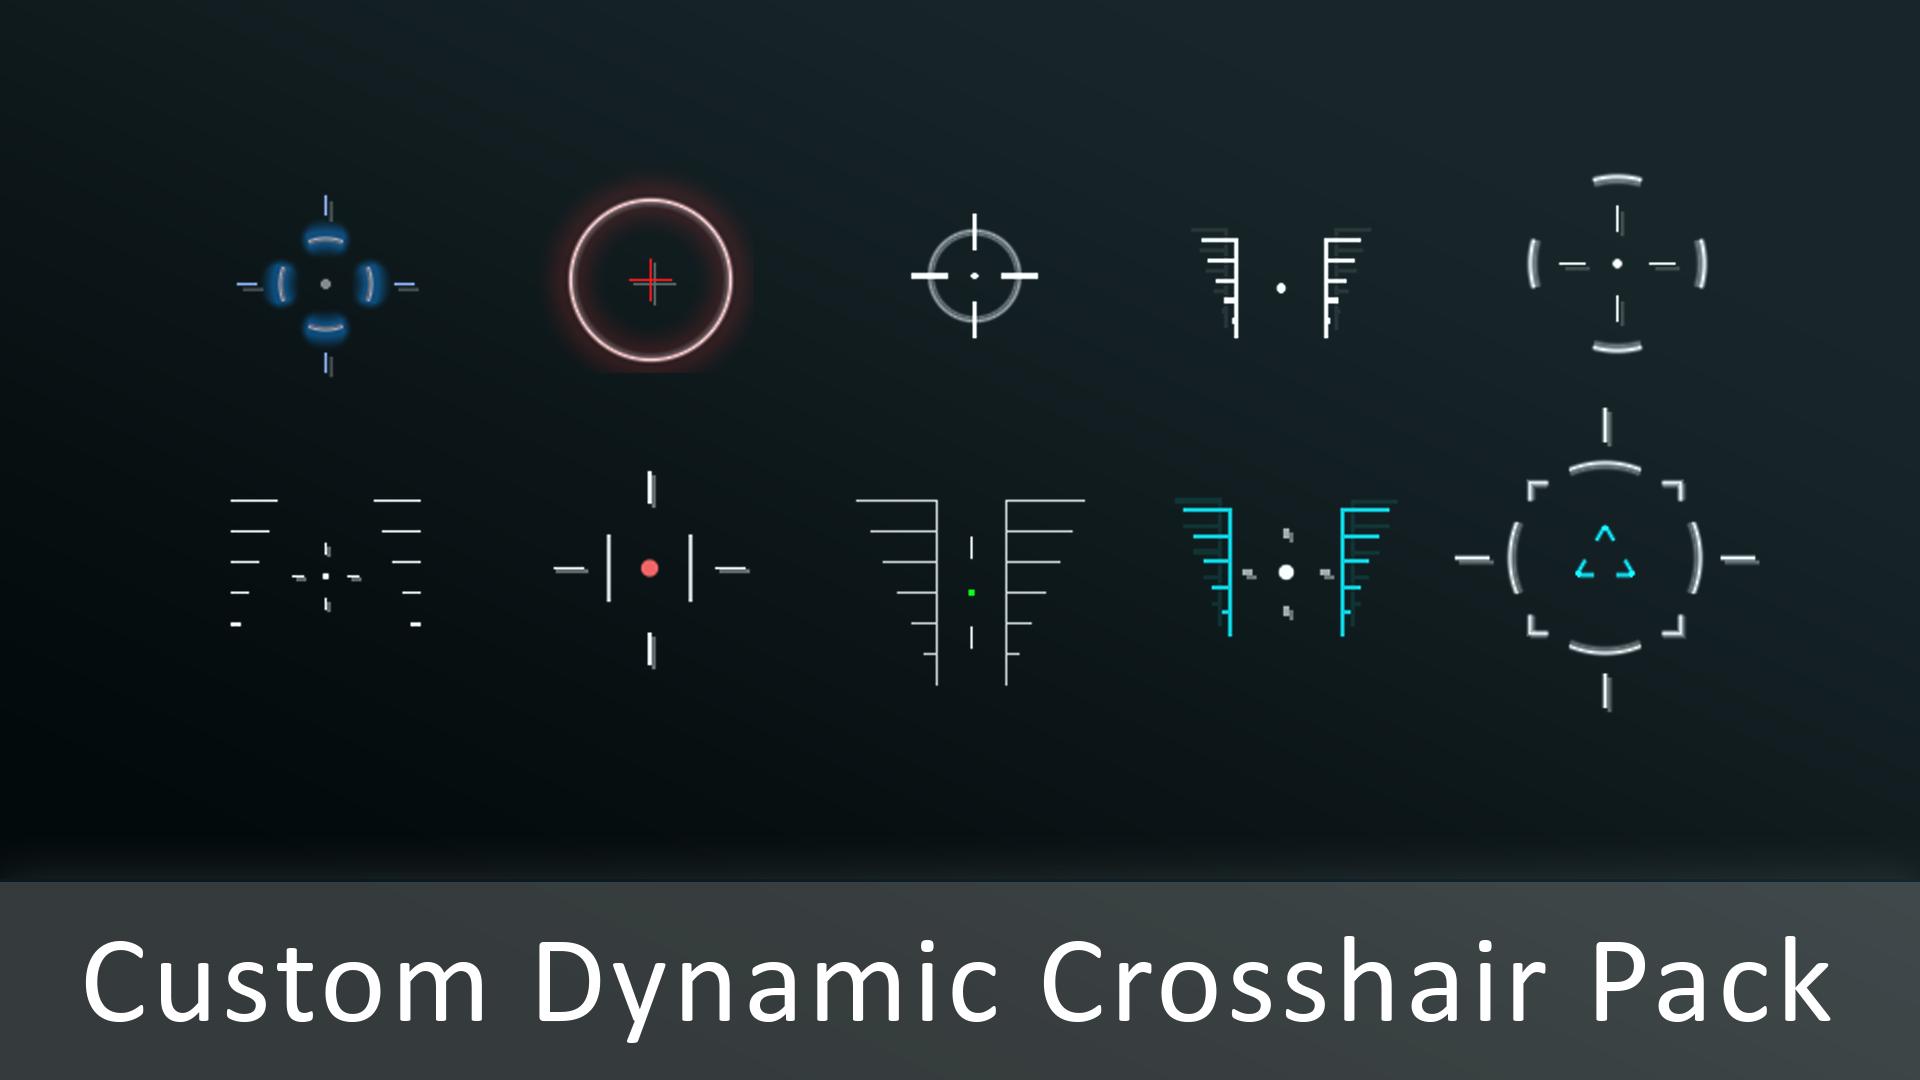 Custom Dynamic Crosshair Pack by IUMTEC in Materials - UE4